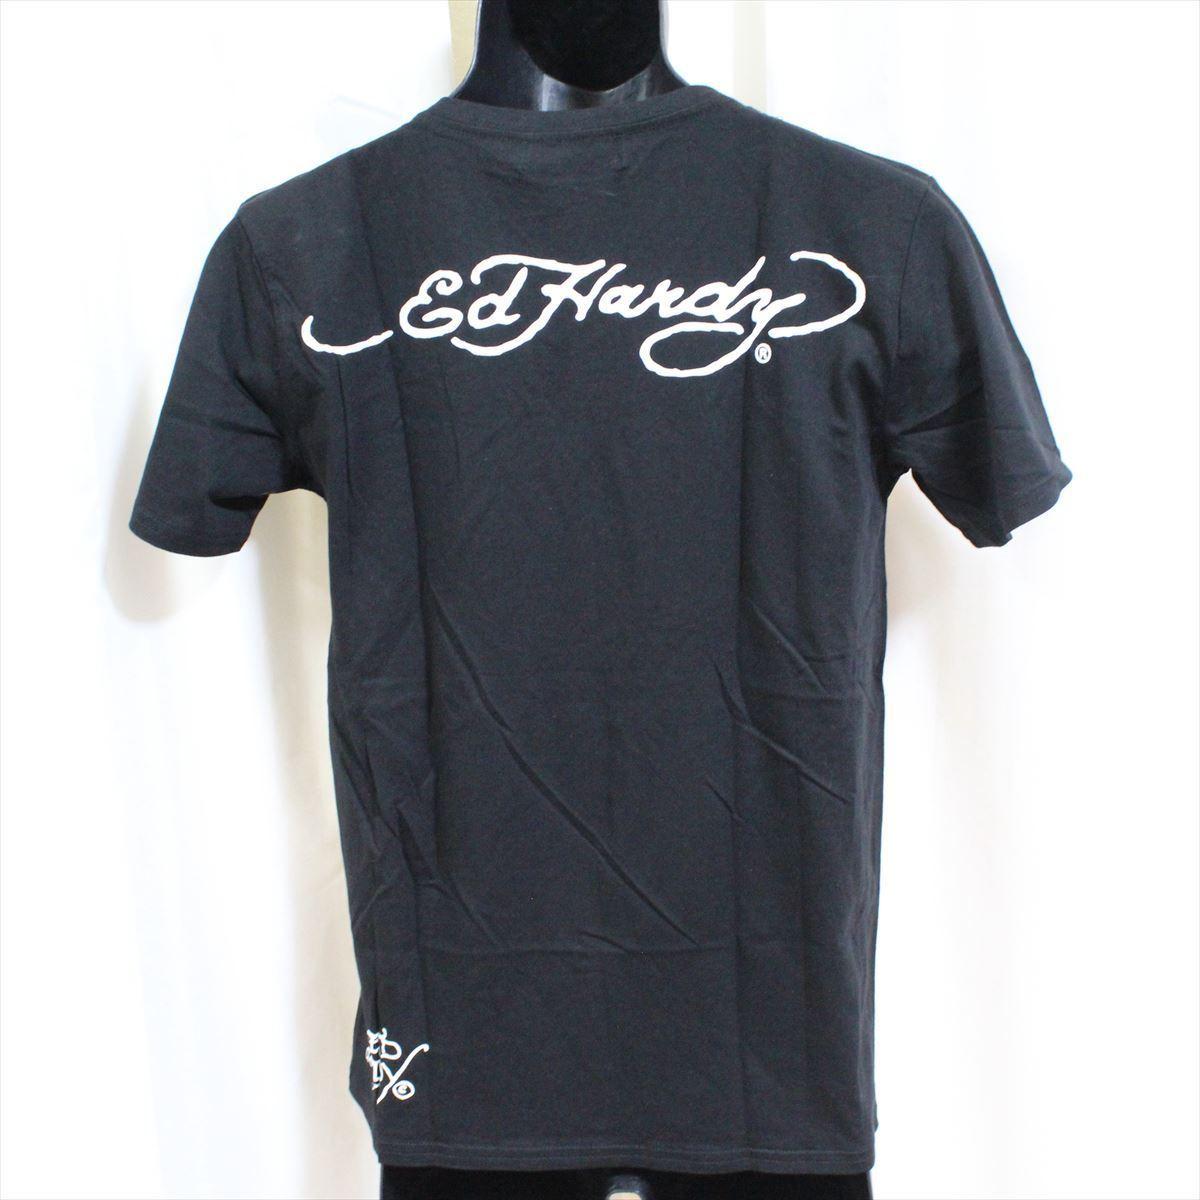 エドハーディー ED HARDY メンズ半袖Tシャツ M02CMV028 ブラック Mサイズ 新品 ドン・エド・ハーディー_画像4